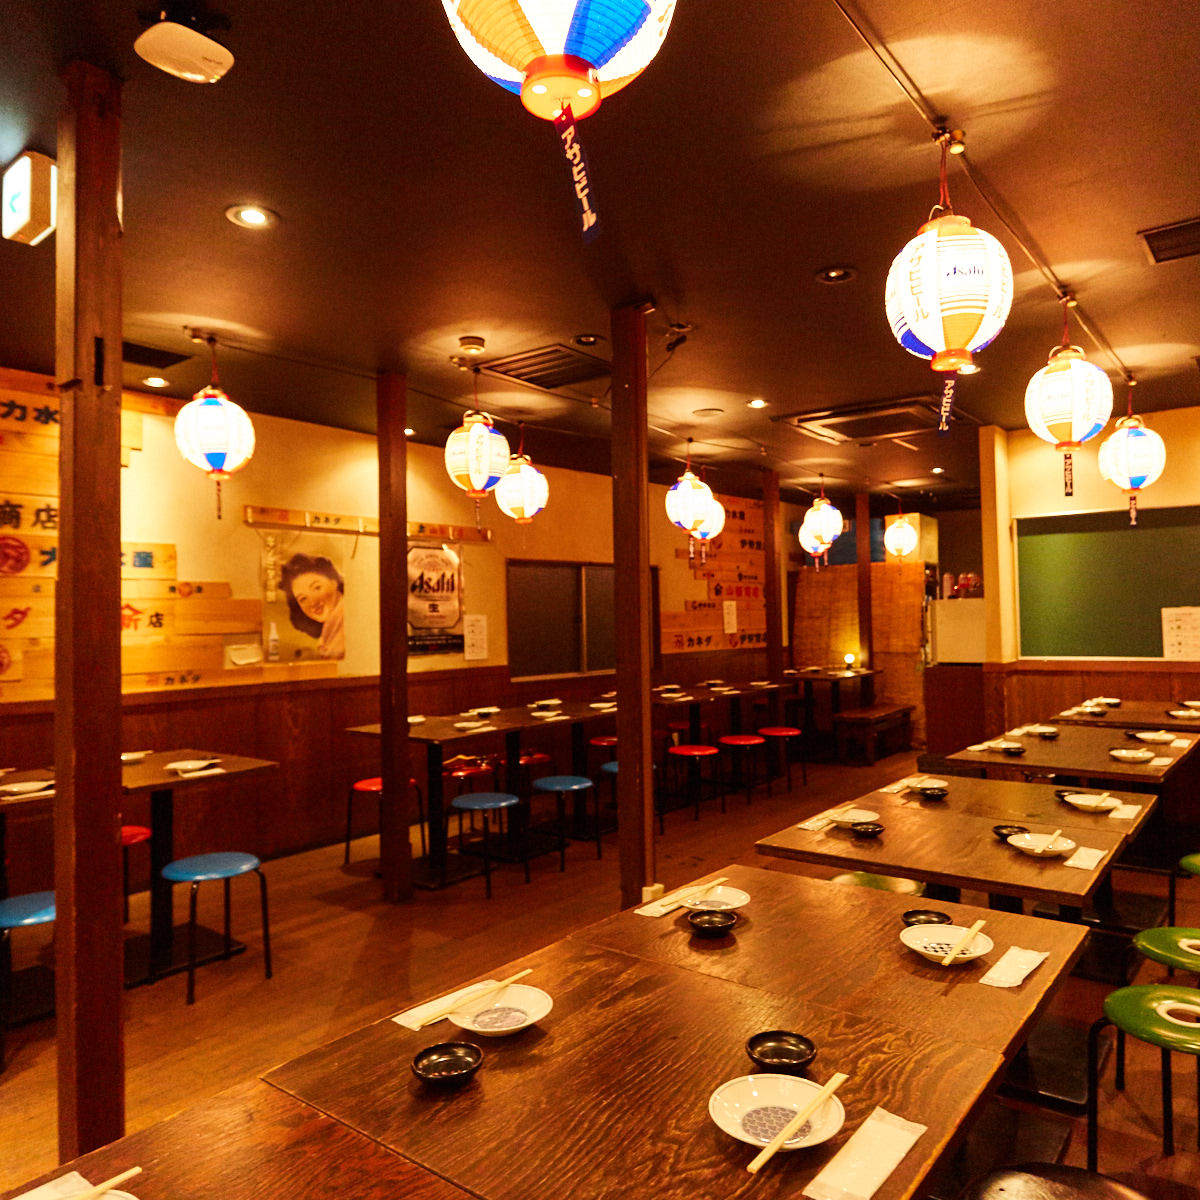 昭和の雰囲気が心地良いレトロな空間